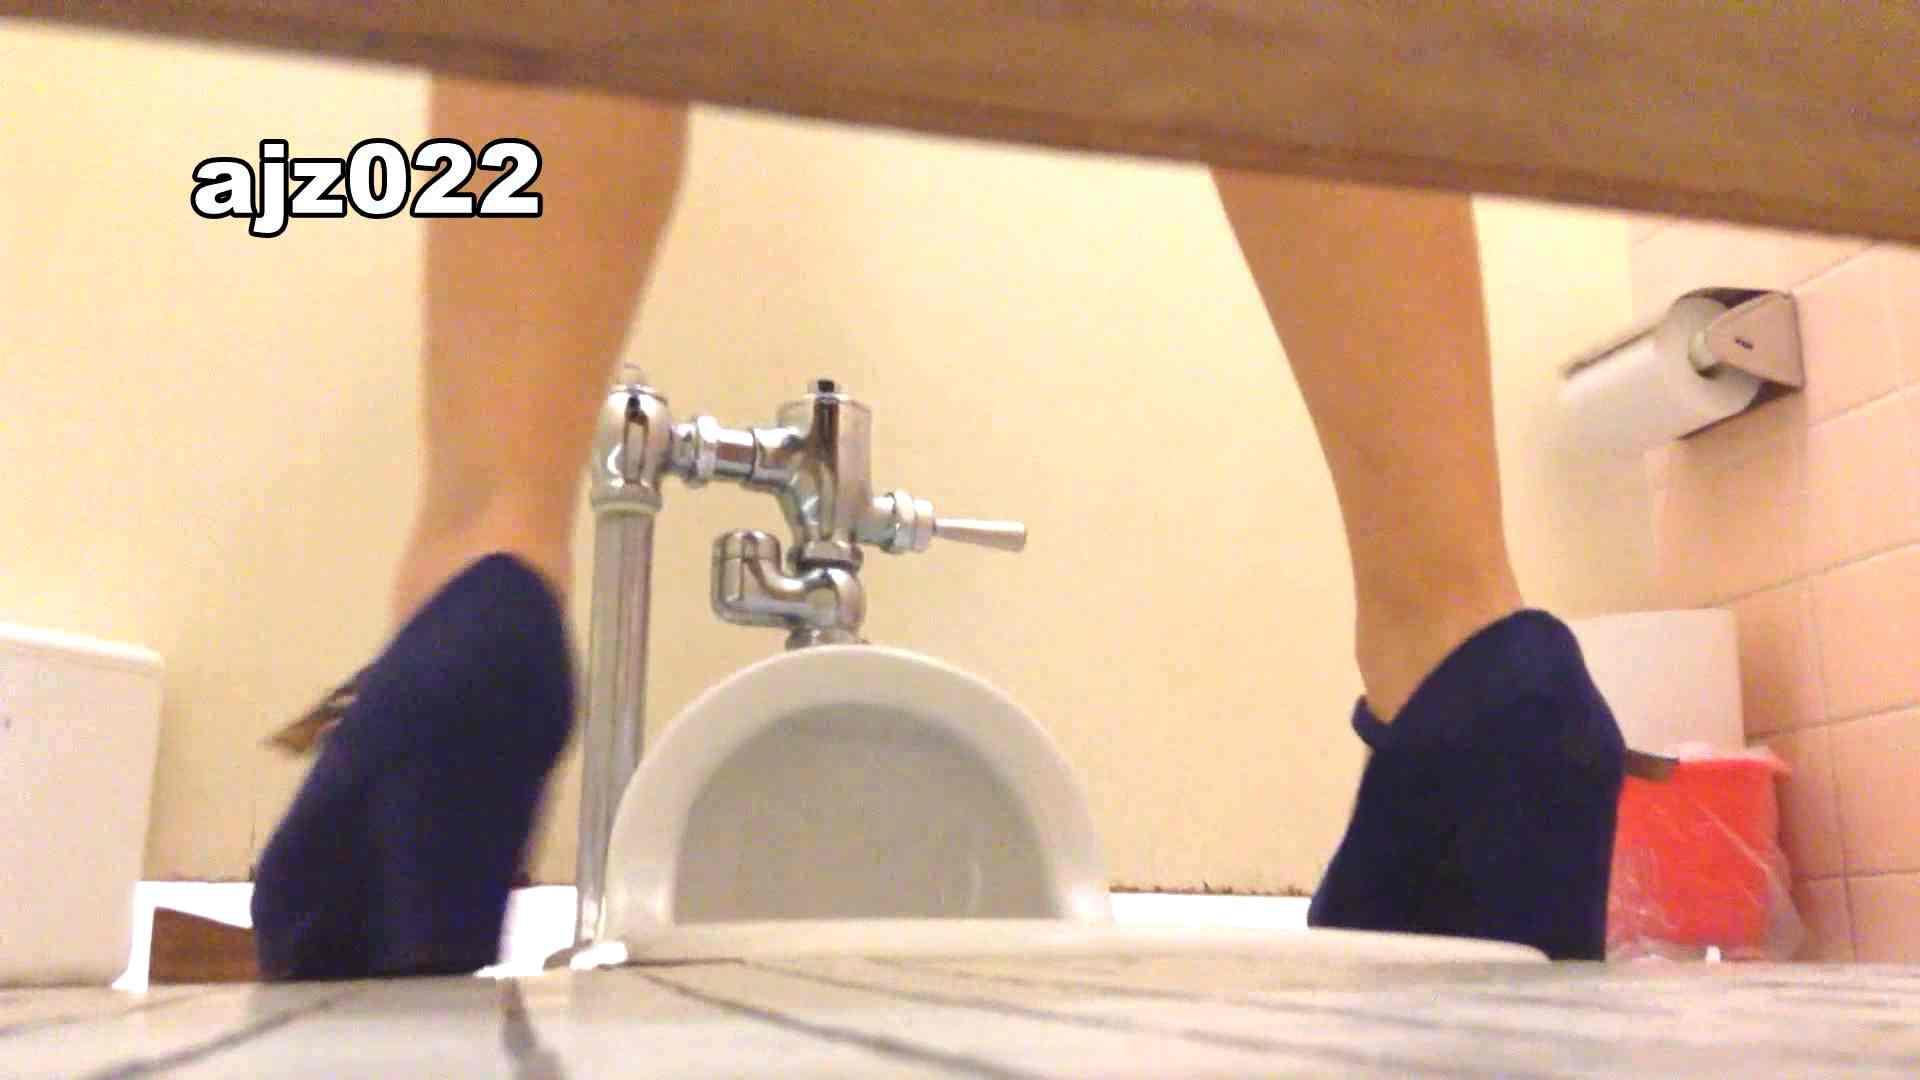 某有名大学女性洗面所 vol.22 エロくん潜入 ぱこり動画紹介 21連発 15